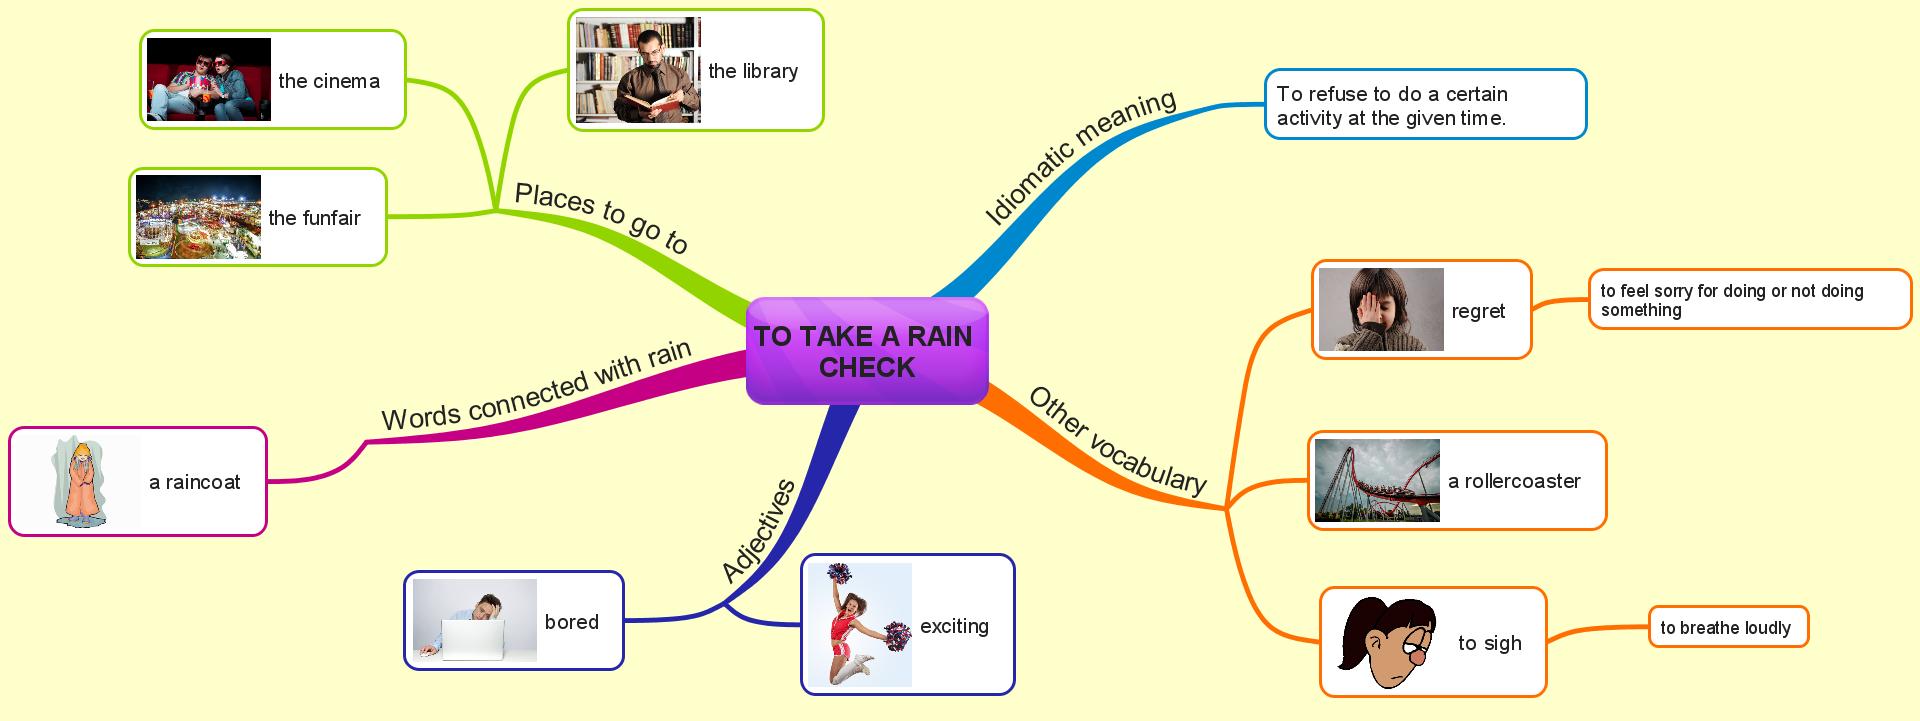 take a rain check - mind map